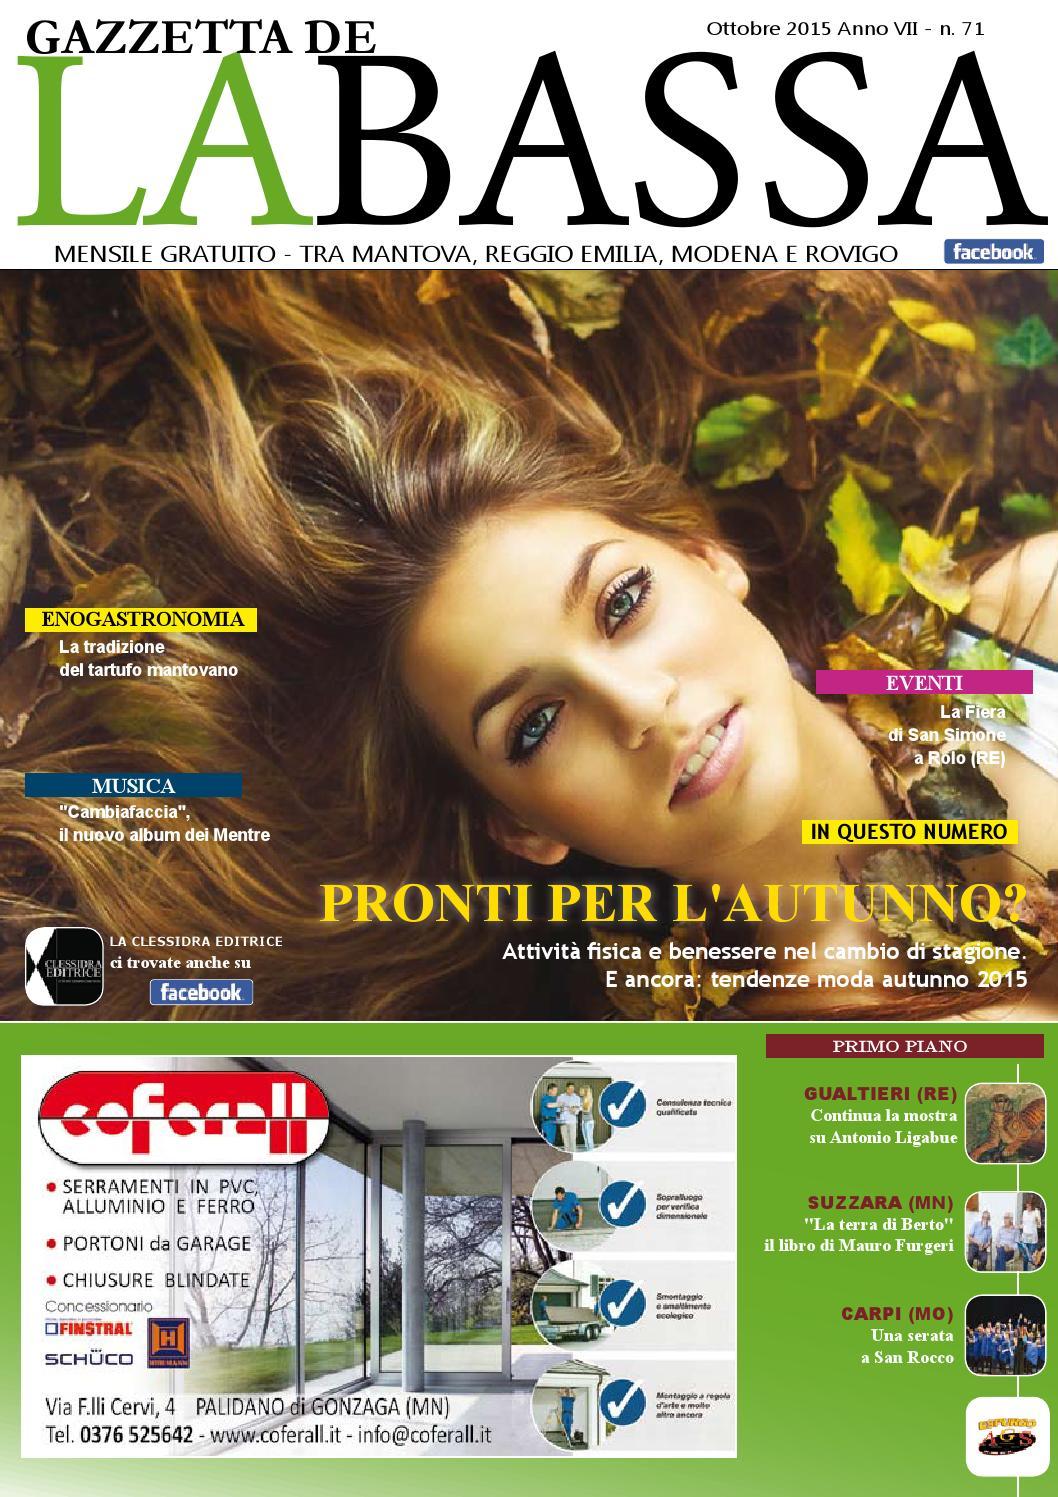 """Gazzetta della Bassa"""" - ottobre 2015, anno VII n. 71. by La ..."""